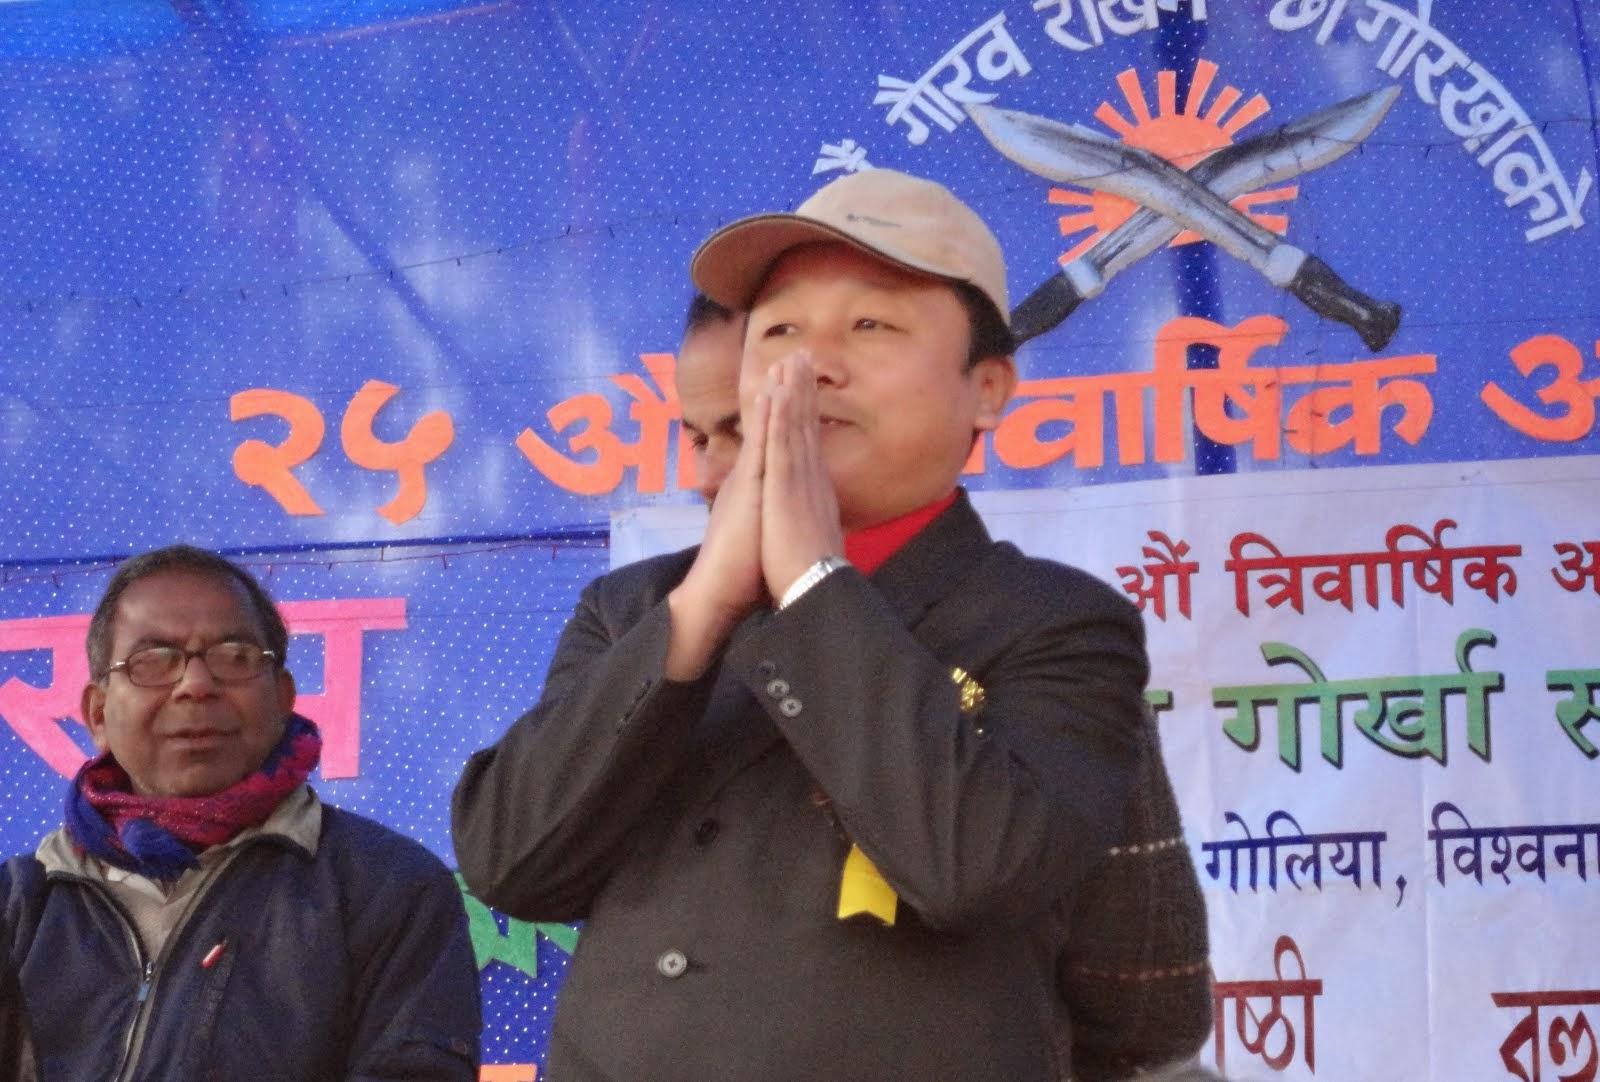 असम गोर्खा सम्मेलनको अधिवेशन, विश्वनाथ चाराली-जनवरी 2012